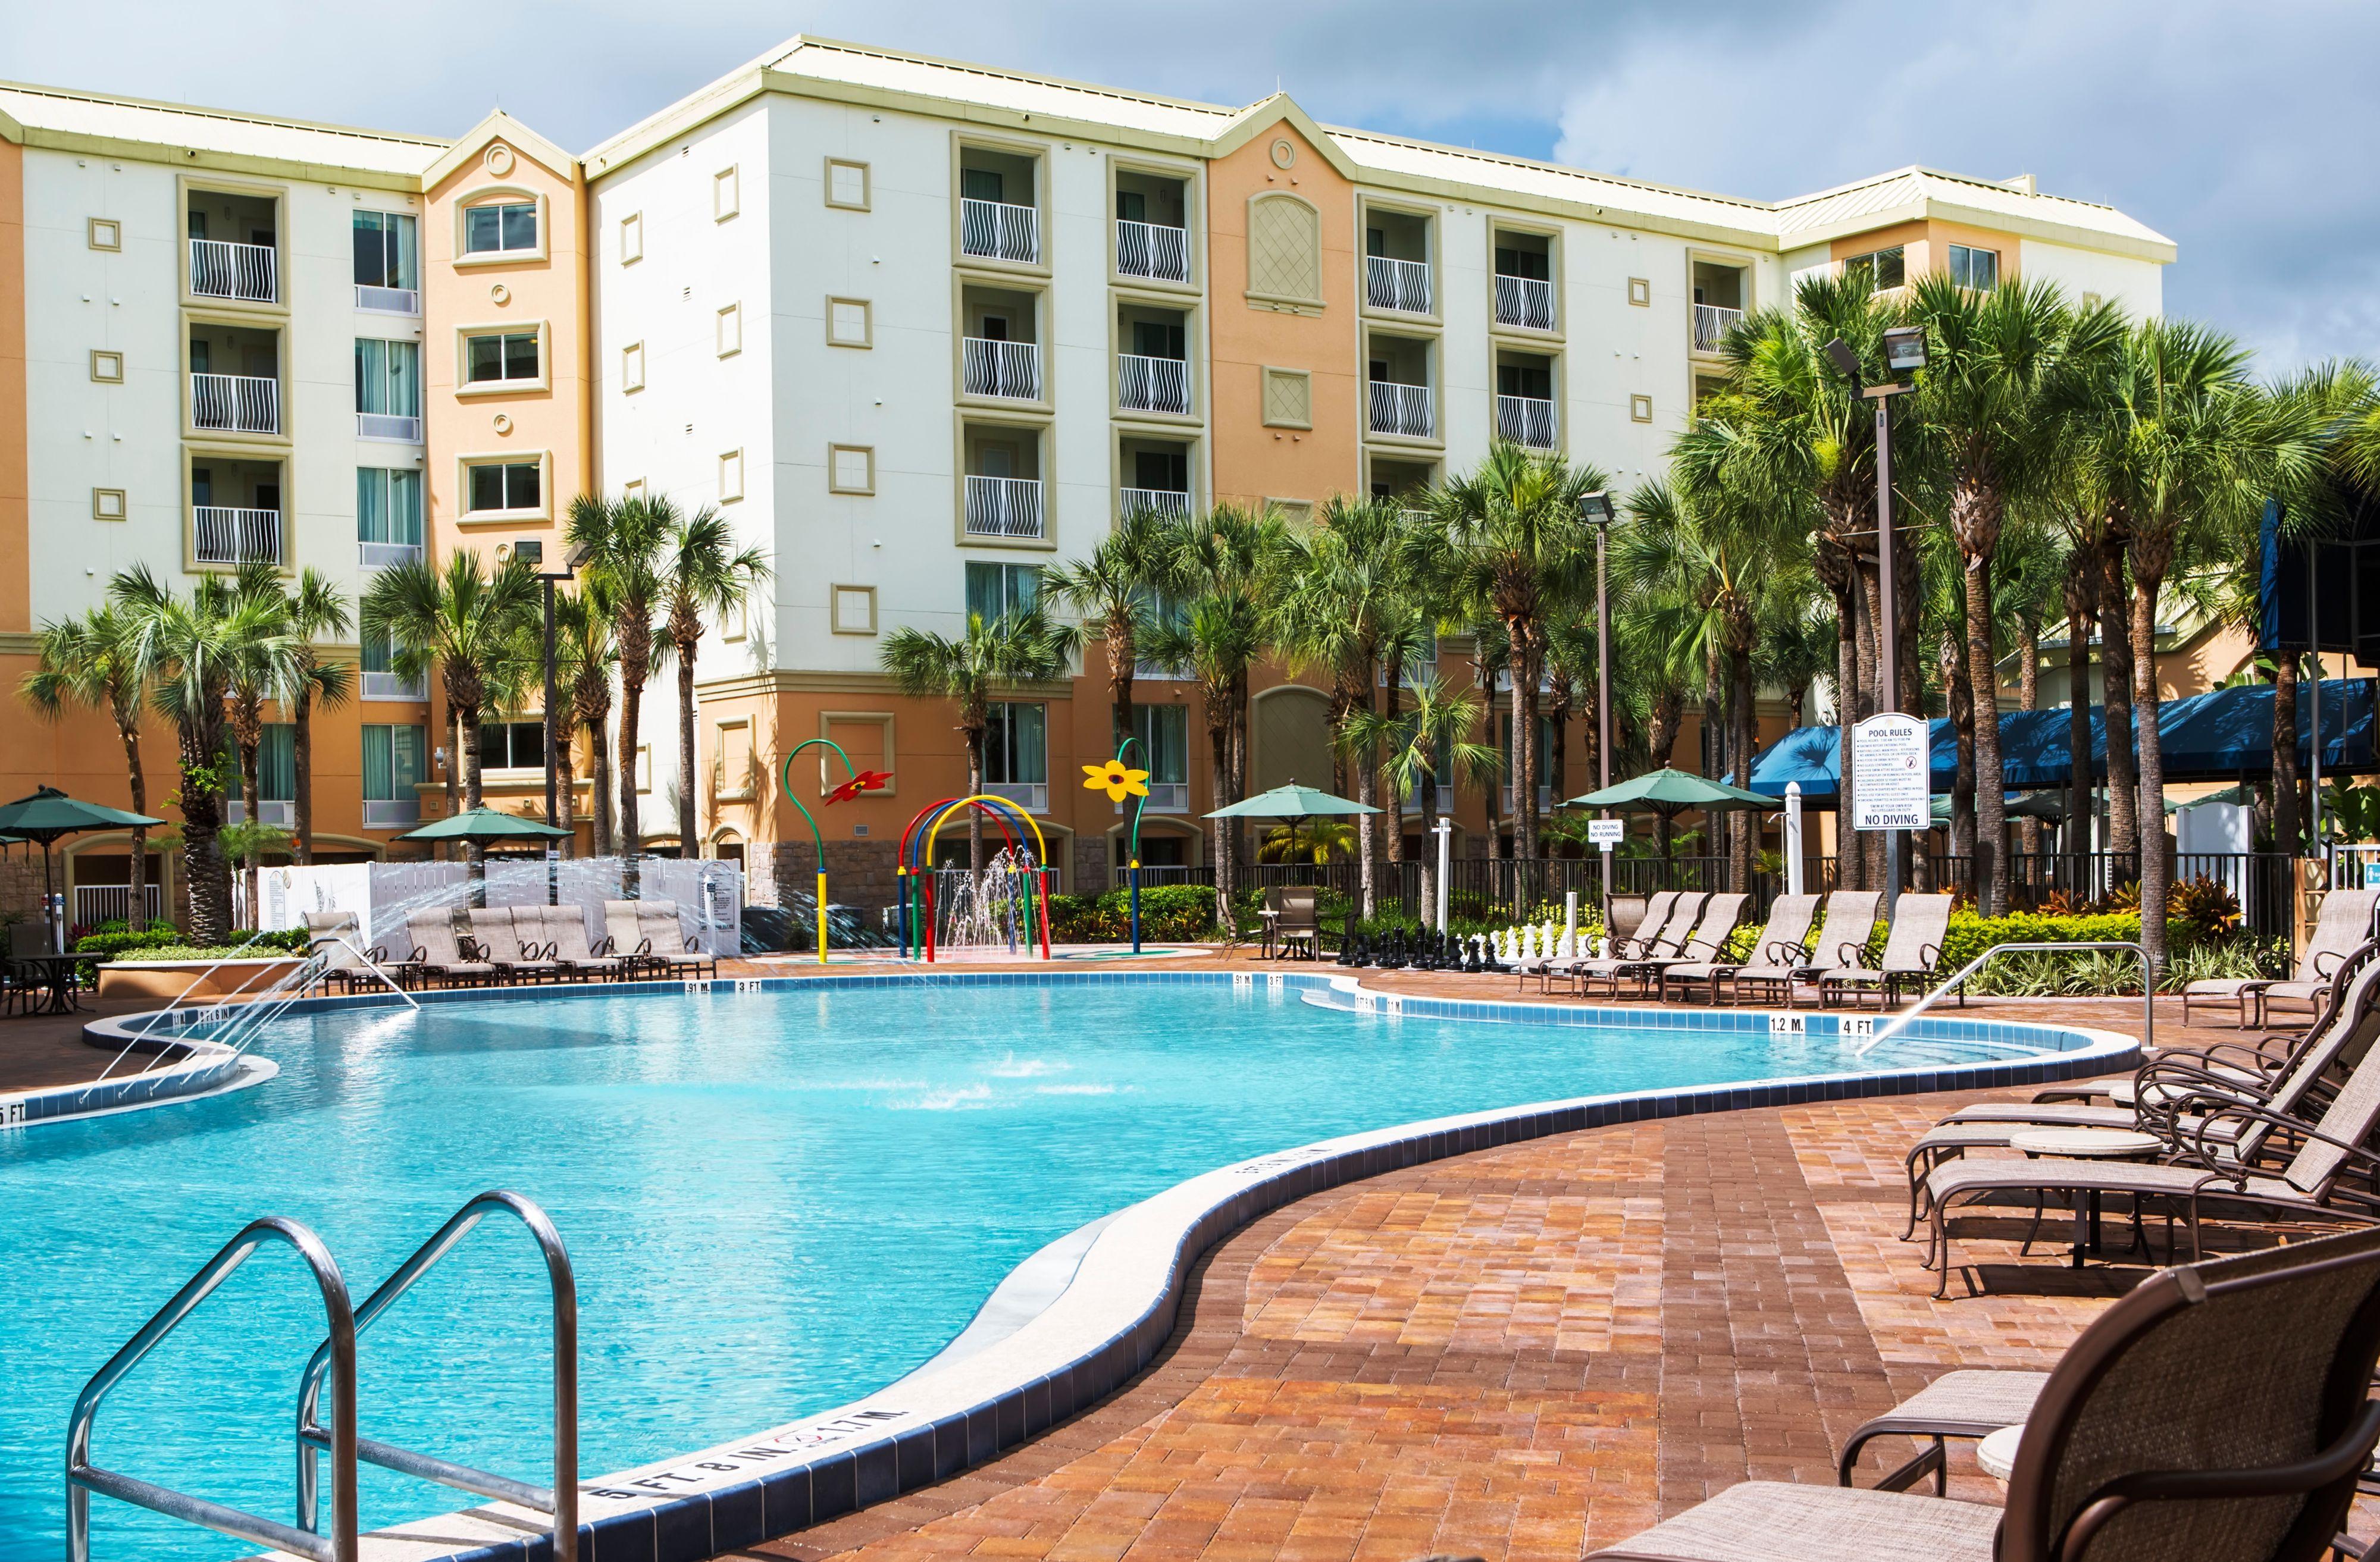 Holiday Inn Resort Orlando Lake Buena Vista At 13351 State